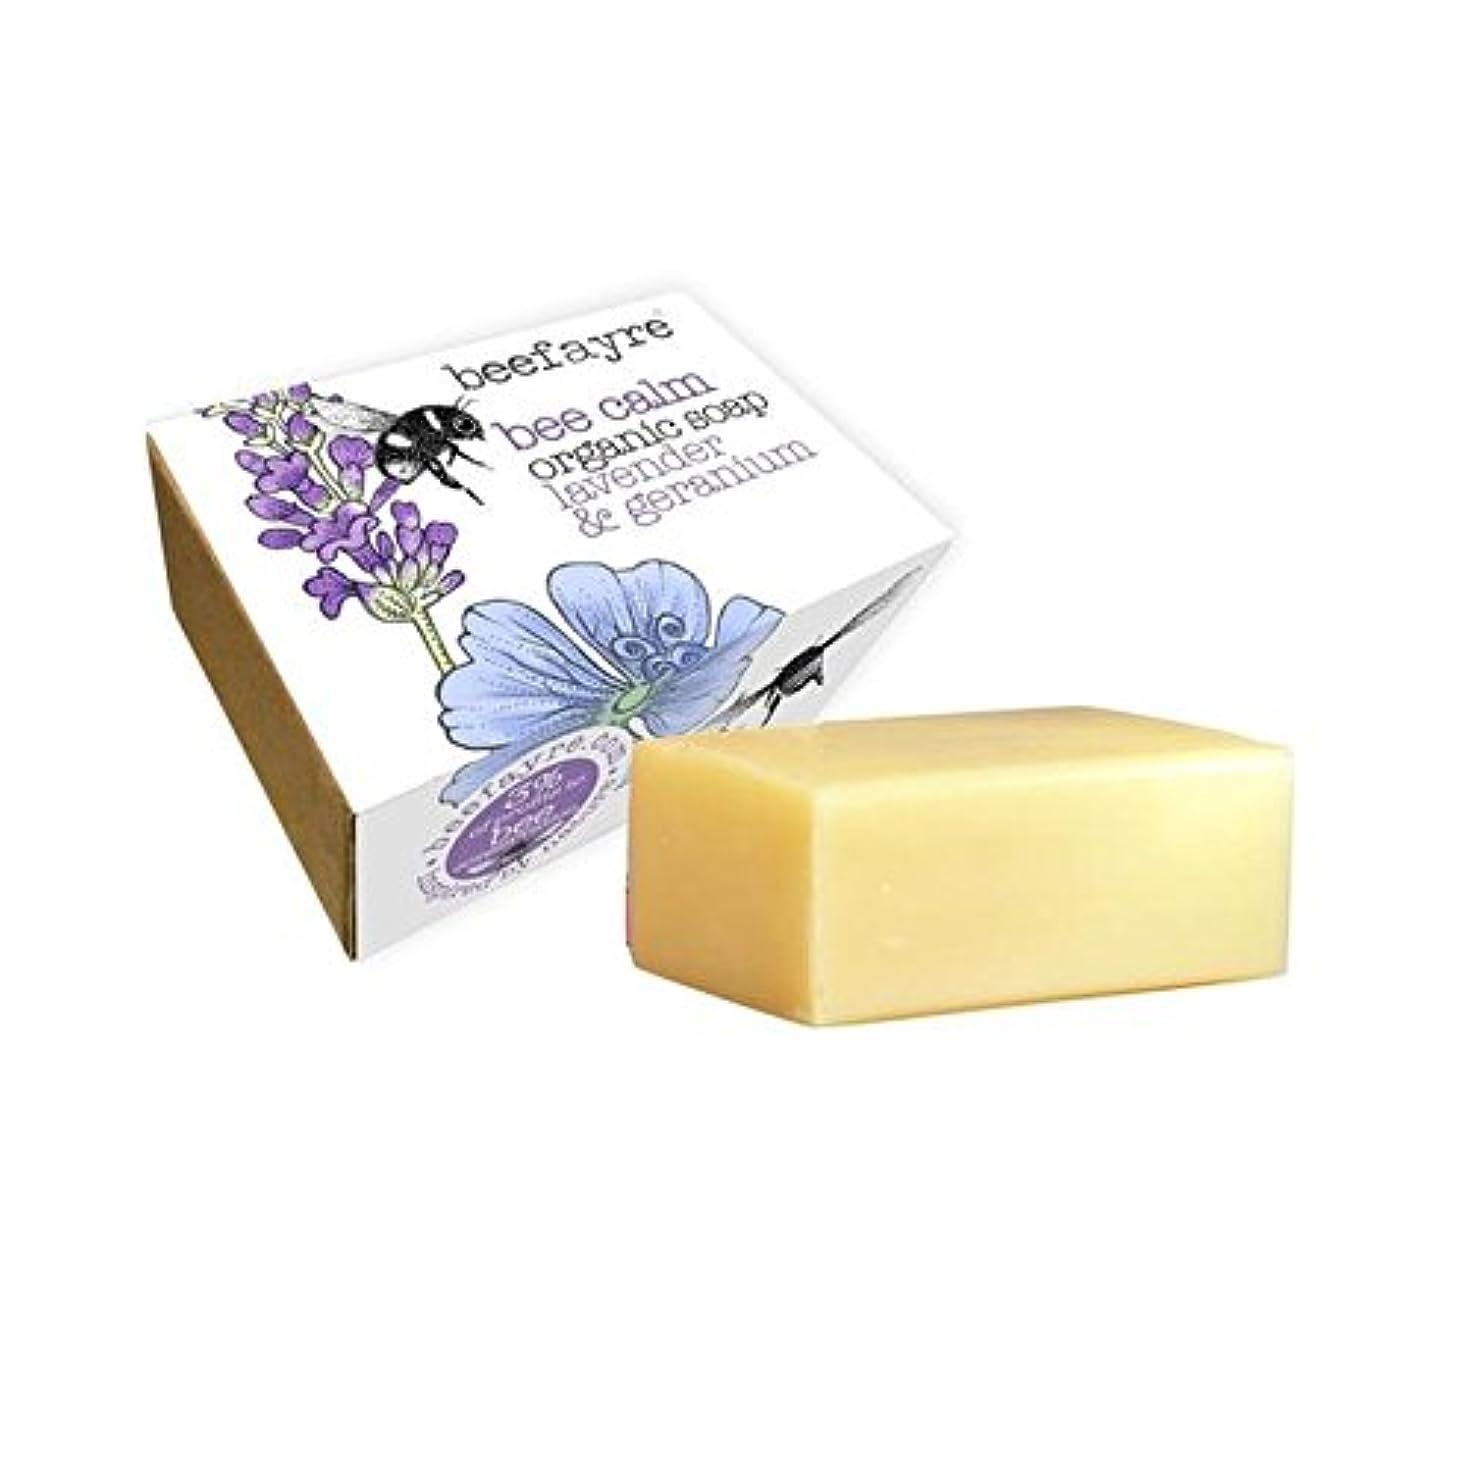 謝る力ぴかぴか有機ゼラニウム&ラベンダー石鹸 x4 - Beefayre Organic Geranium & Lavender Soap (Pack of 4) [並行輸入品]